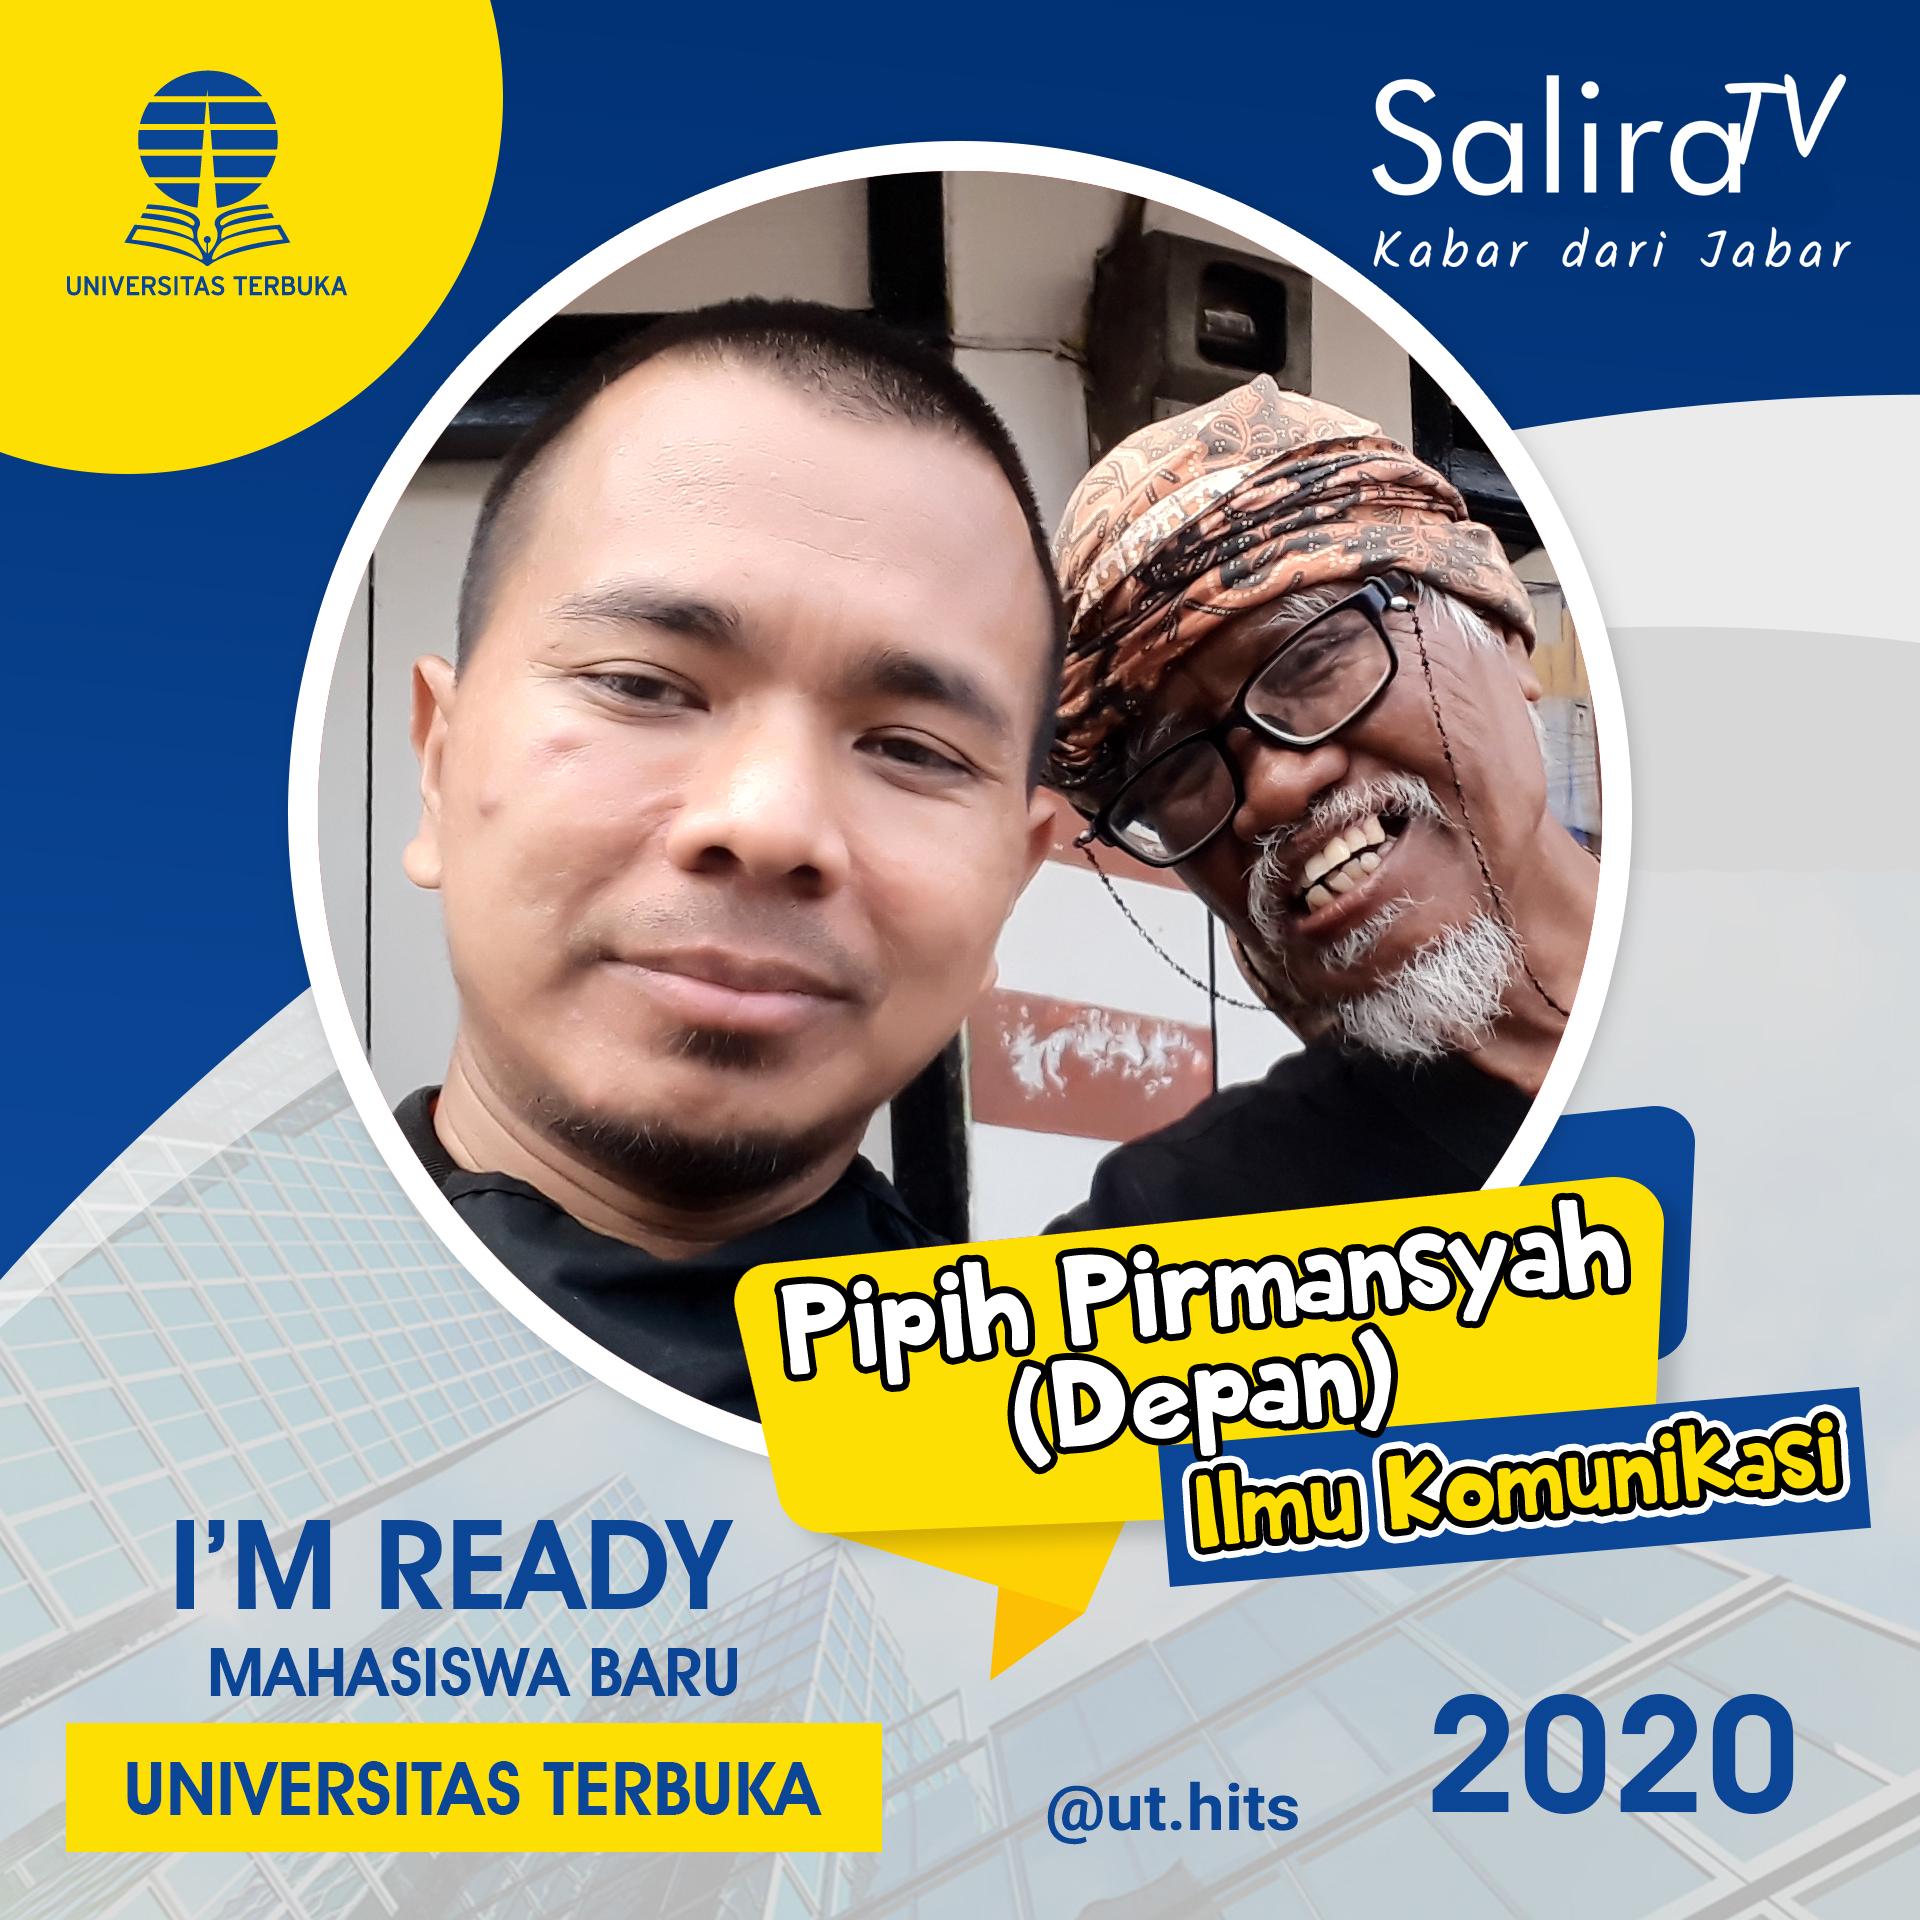 Pipih Pirmansyah - Mahasiswa Universitas Terbuka - Ilmu Komunikasi